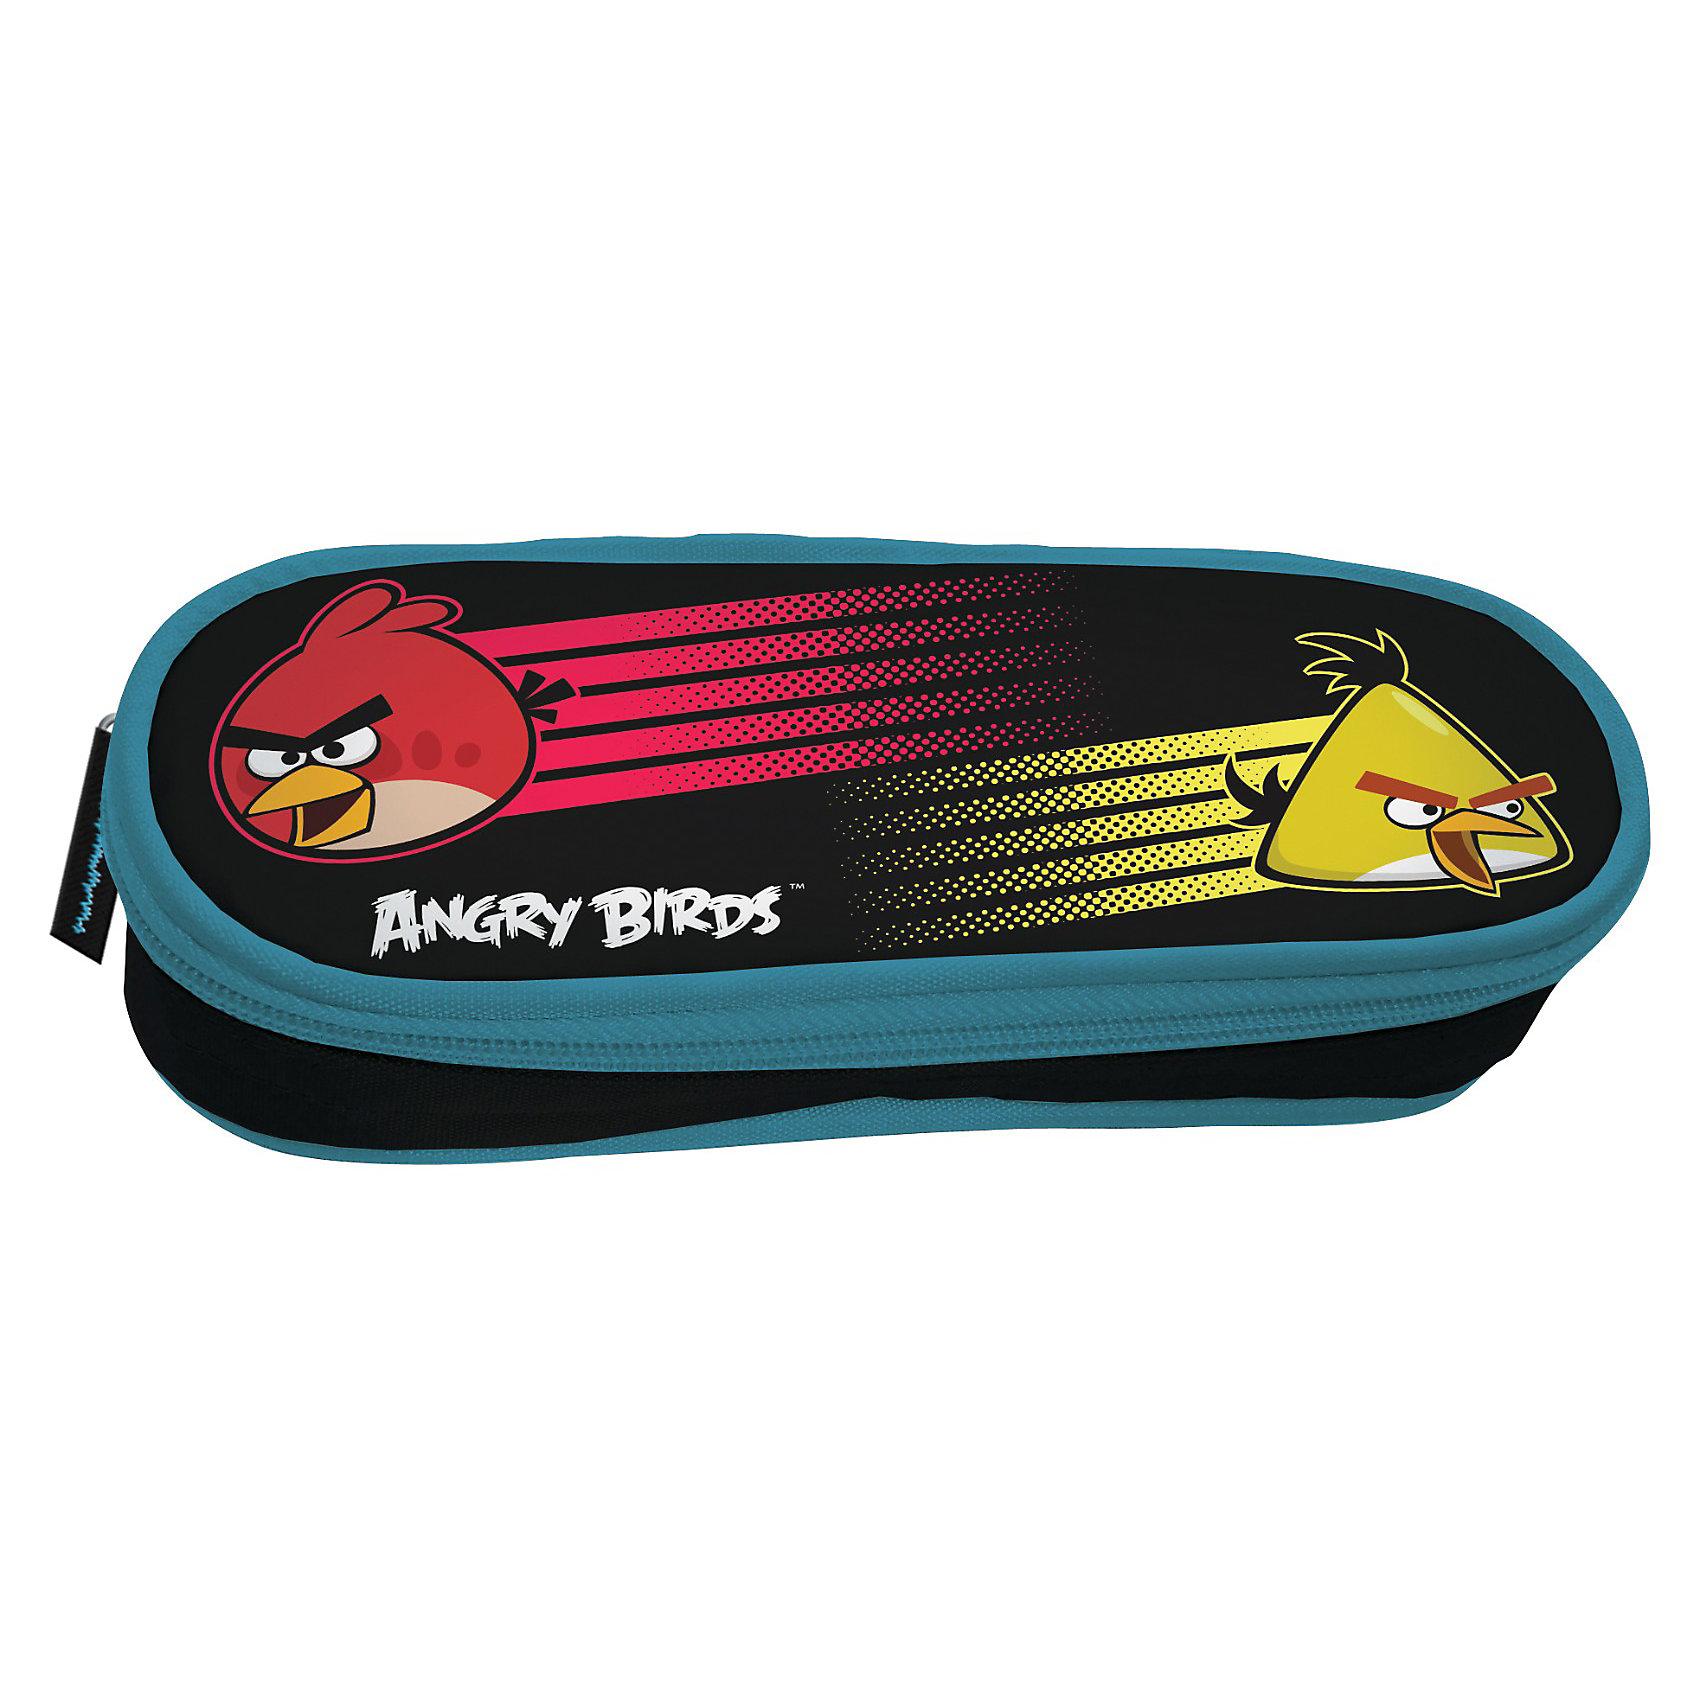 Пенал-косметичка, Angry BirdsПеналы-косметички<br>Пенал-косметичка, Angry Birds (Энри Бердс) – поможет Вашему ребенку организовать свое школьное место и собрать все канцтовары в школу.<br>Малыш обязательно оценит этот стильный и яркий косметичку-пенал, который станет лучшим украшением его школьной парты. Пенал жесткий. Одно большое отделение с фиксаторами для канцелярских принадлежностей. Закрывается на молнию. <br><br>Дополнительная информация:<br><br>- Размер: 5х21х7,5 см.<br><br>Пенал-косметичку, Angry Birds (Энри Бердс) можно купить в нашем интернет-магазине.<br><br>Ширина мм: 50<br>Глубина мм: 210<br>Высота мм: 75<br>Вес г: 117<br>Возраст от месяцев: 120<br>Возраст до месяцев: 144<br>Пол: Унисекс<br>Возраст: Детский<br>SKU: 3563255